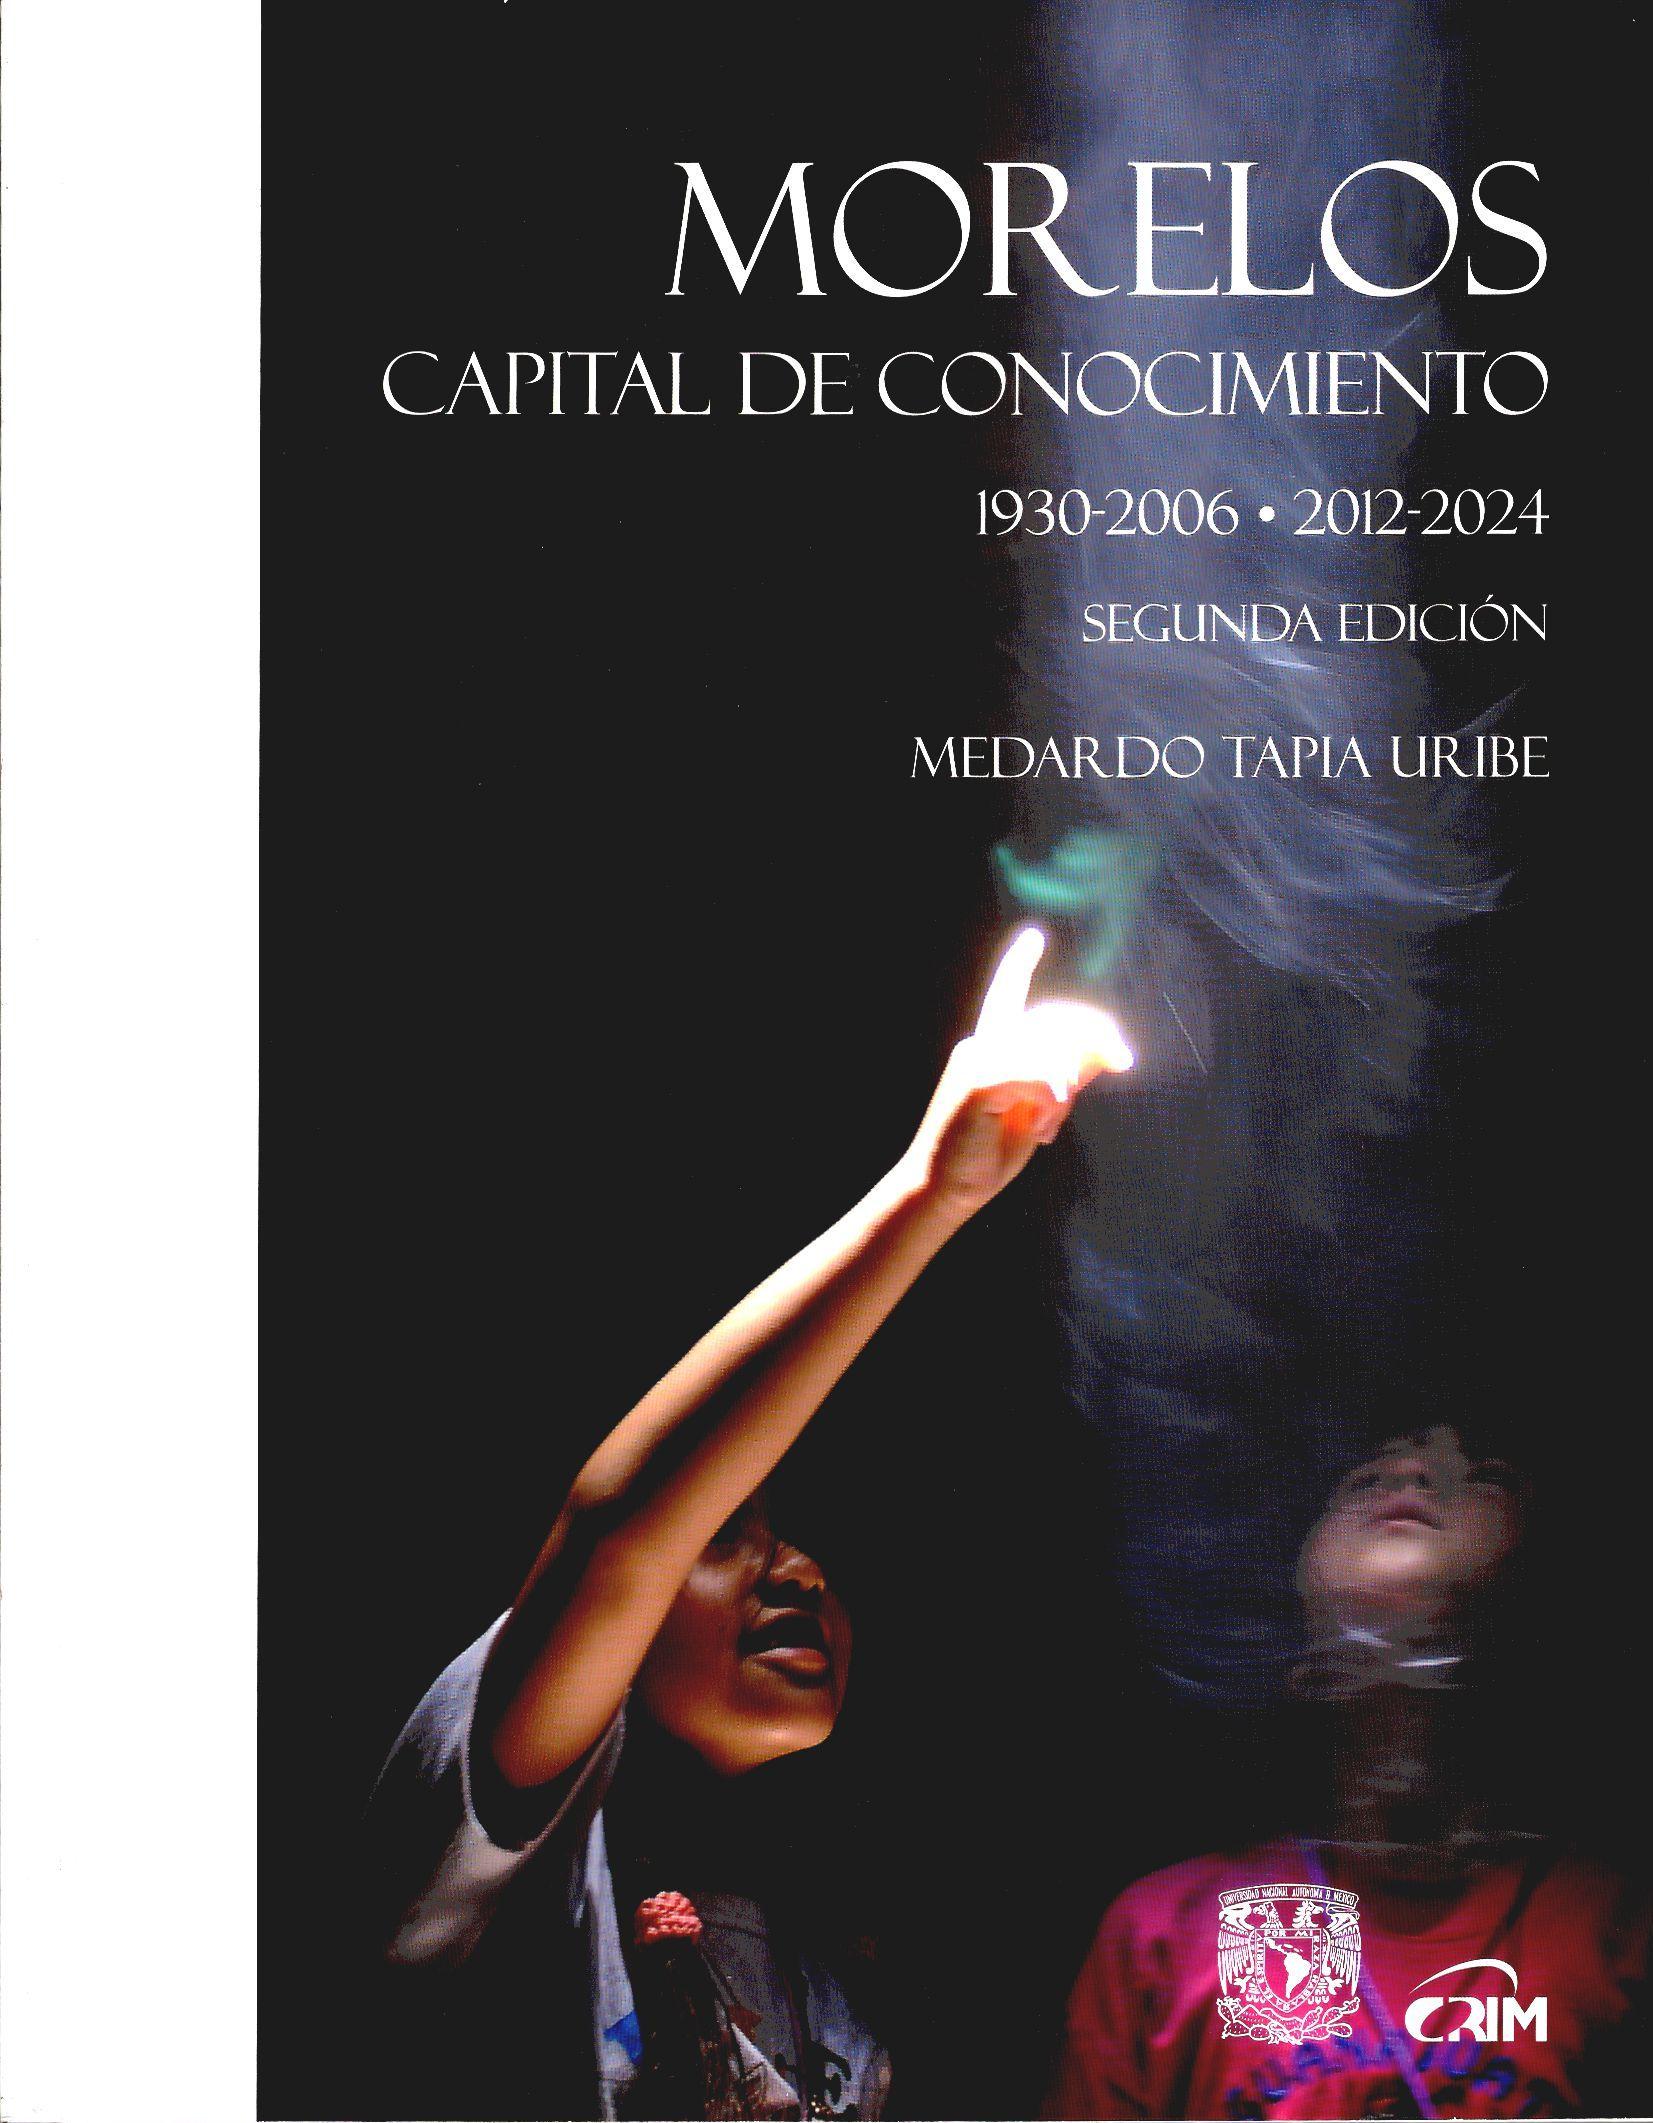 Morelos. Capital de conocimiento 1930-2006 / 2012-2024